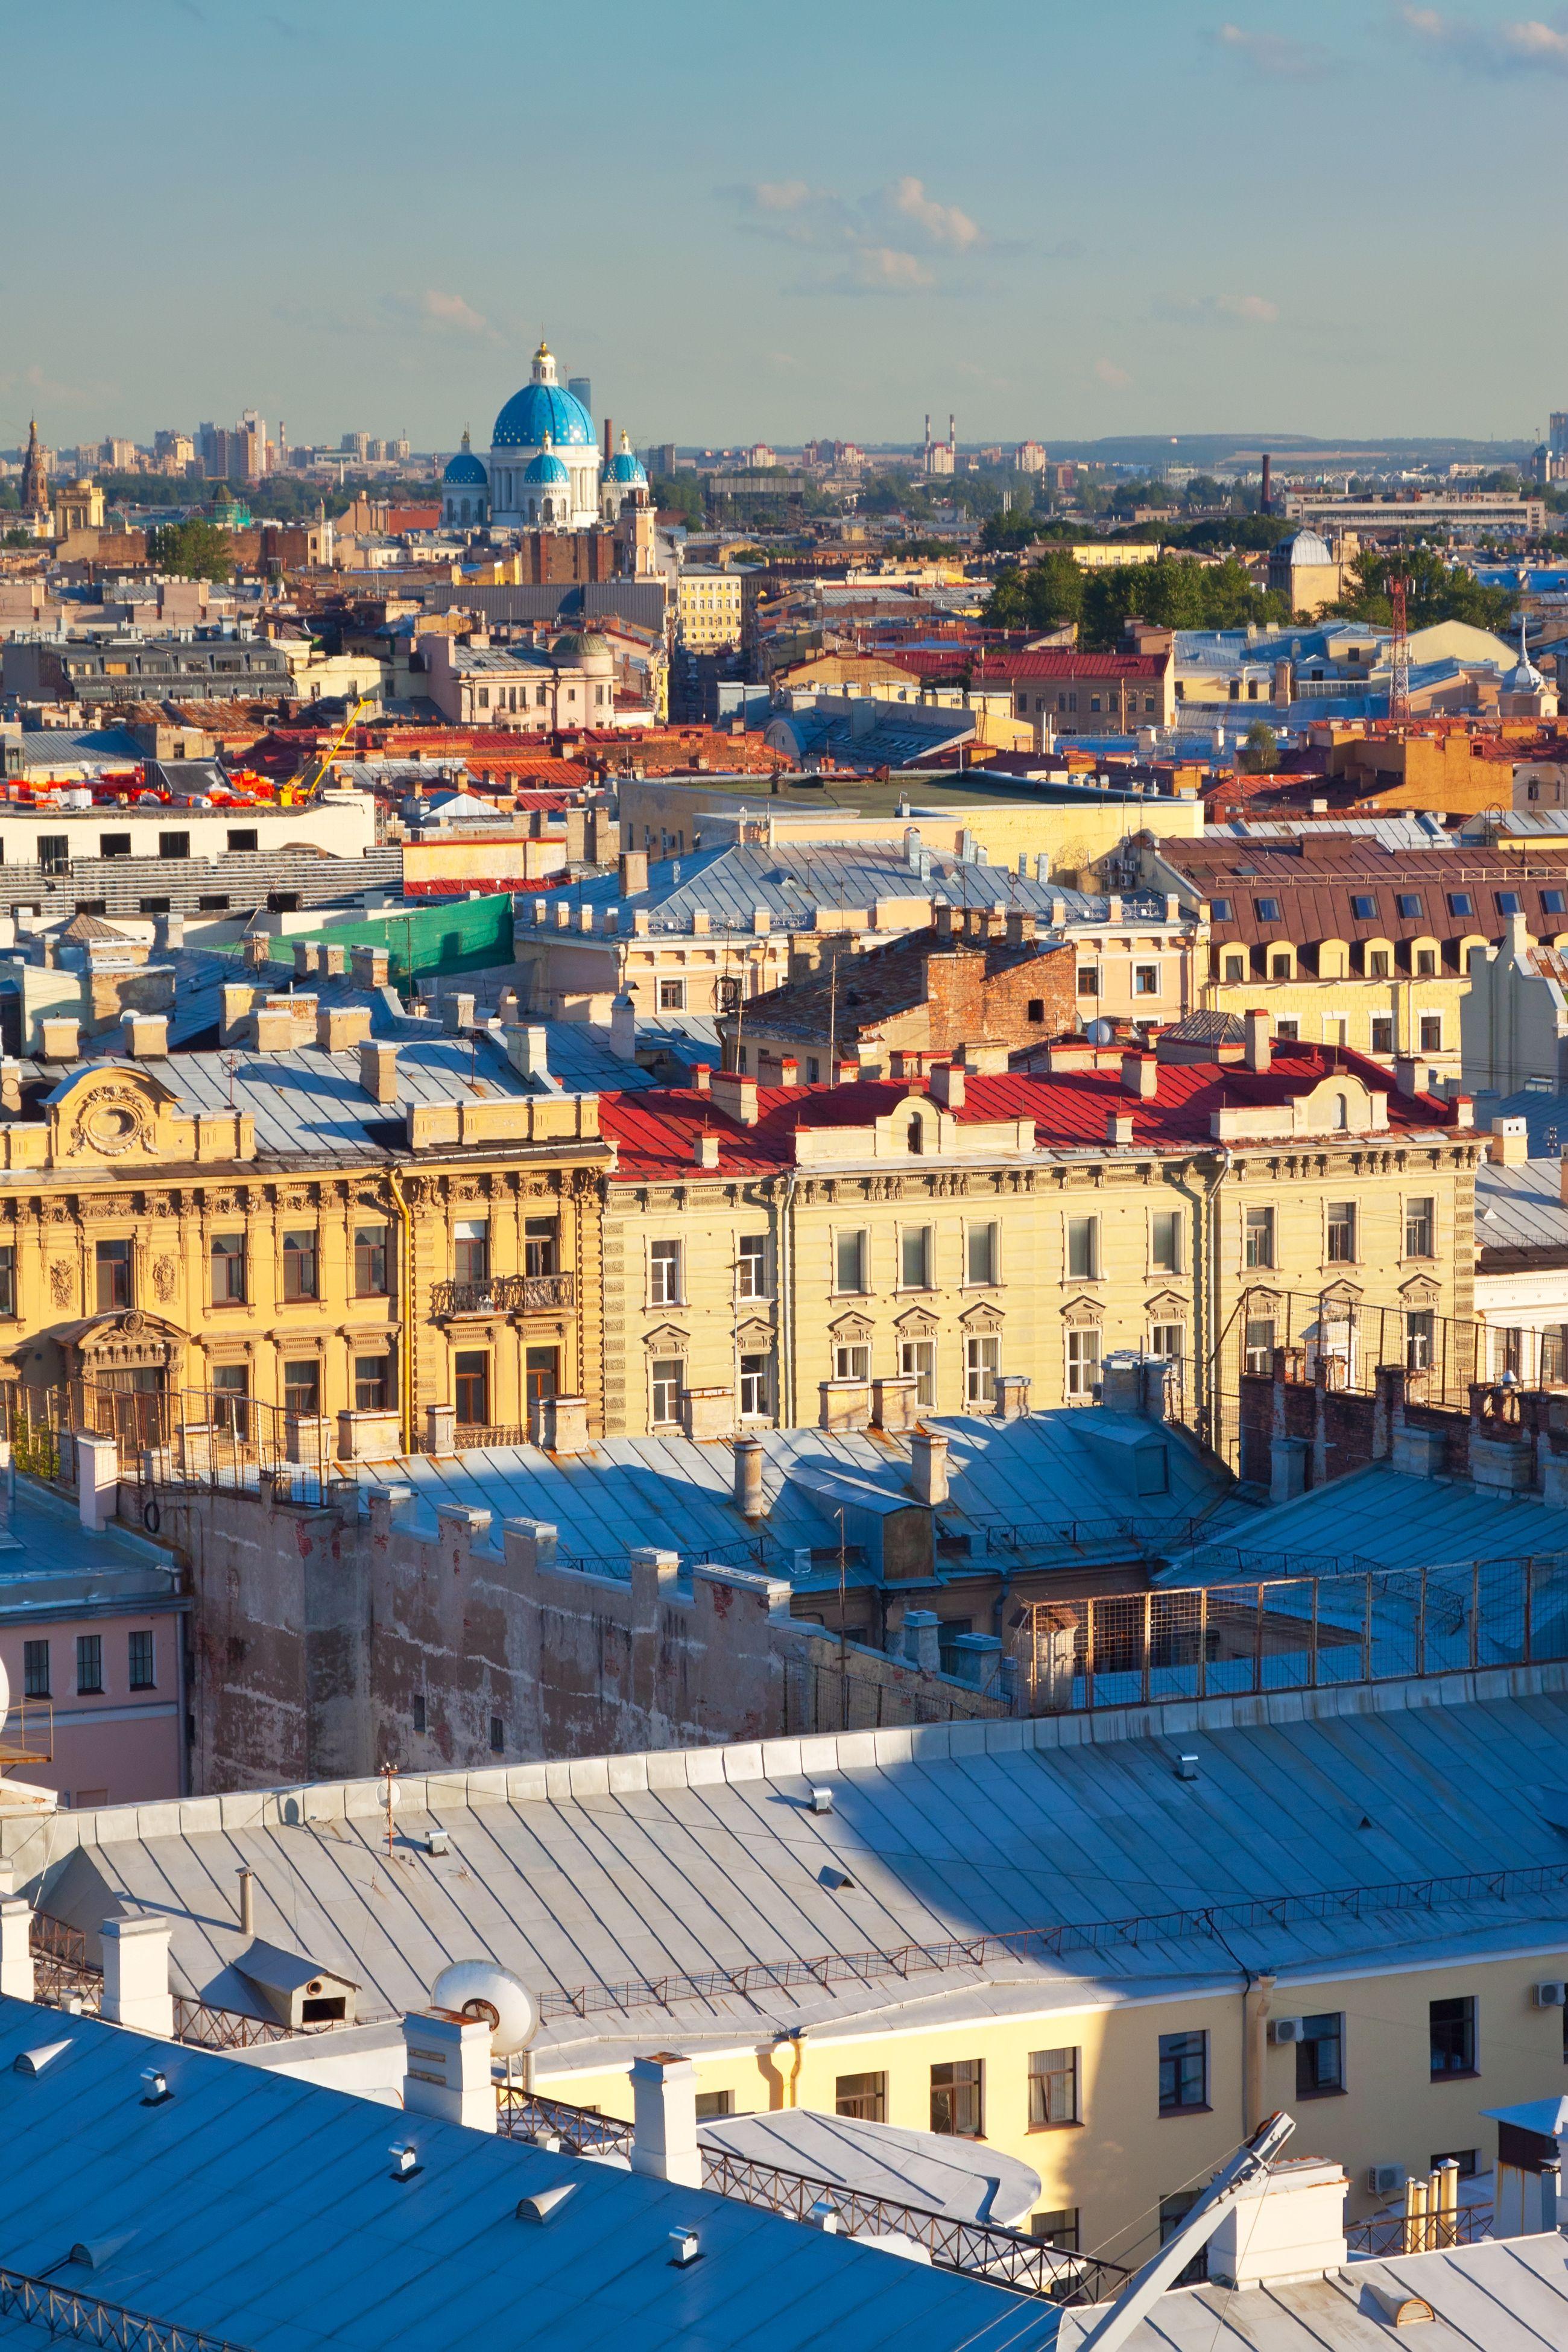 Aurinko tuo esiin Pietarin kauniit pastellisävyt.